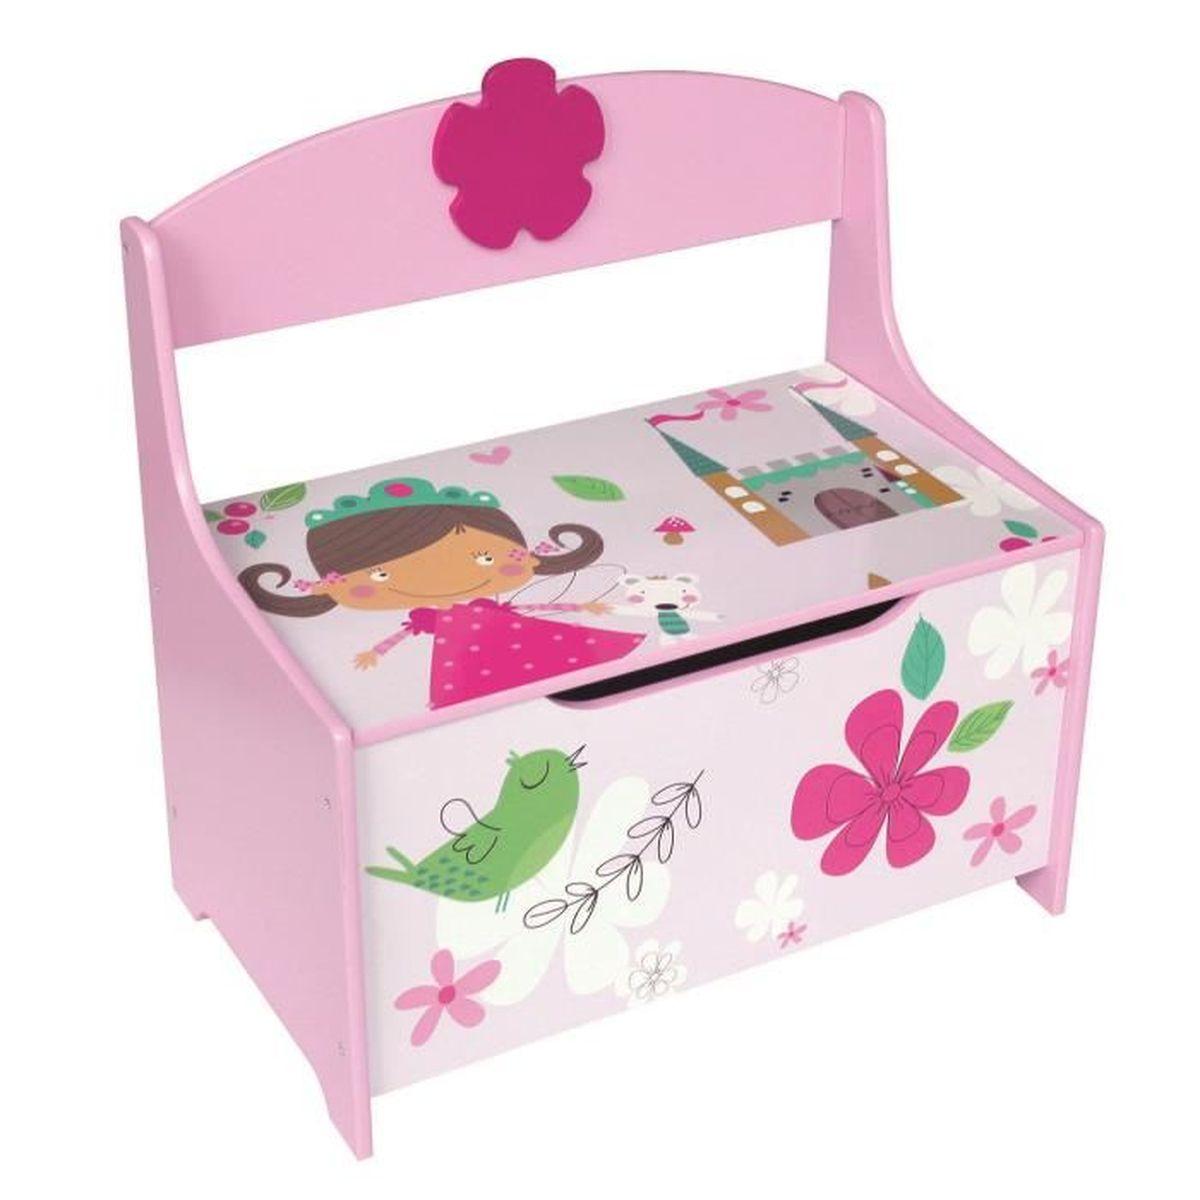 banc coffre enfant simple banc coffre enfant with banc. Black Bedroom Furniture Sets. Home Design Ideas